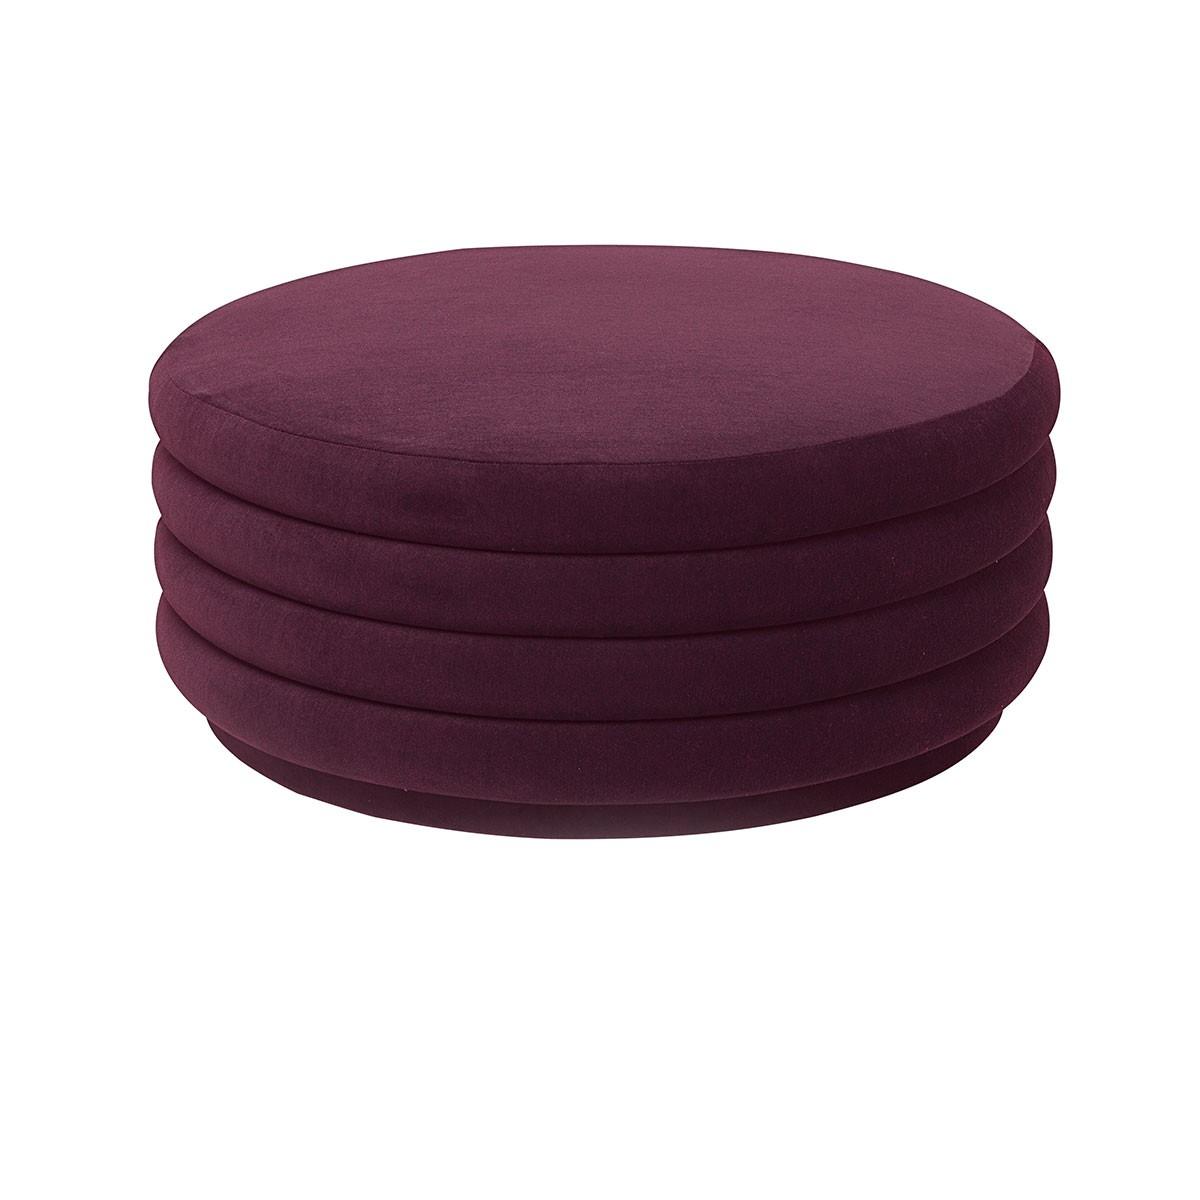 pouf-round-ferm-living-bordeaux-l